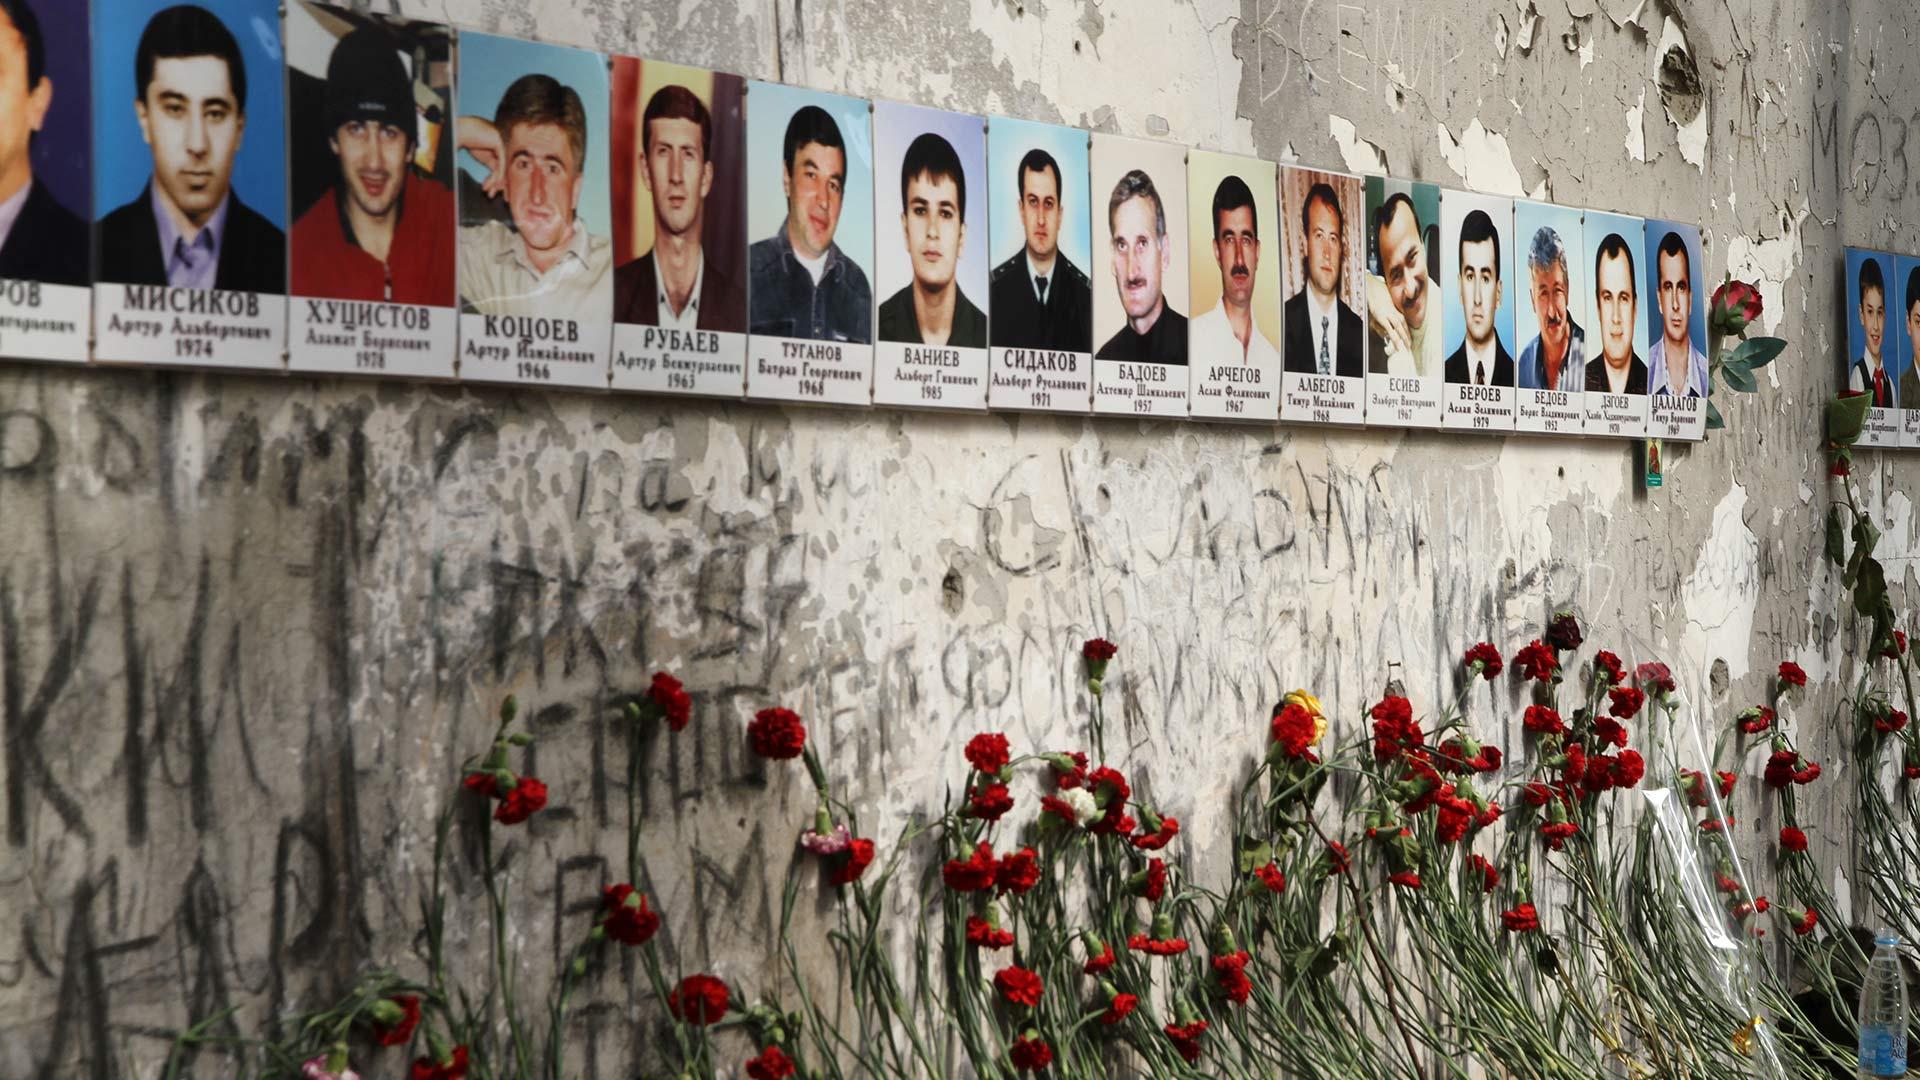 Beslan_01port3